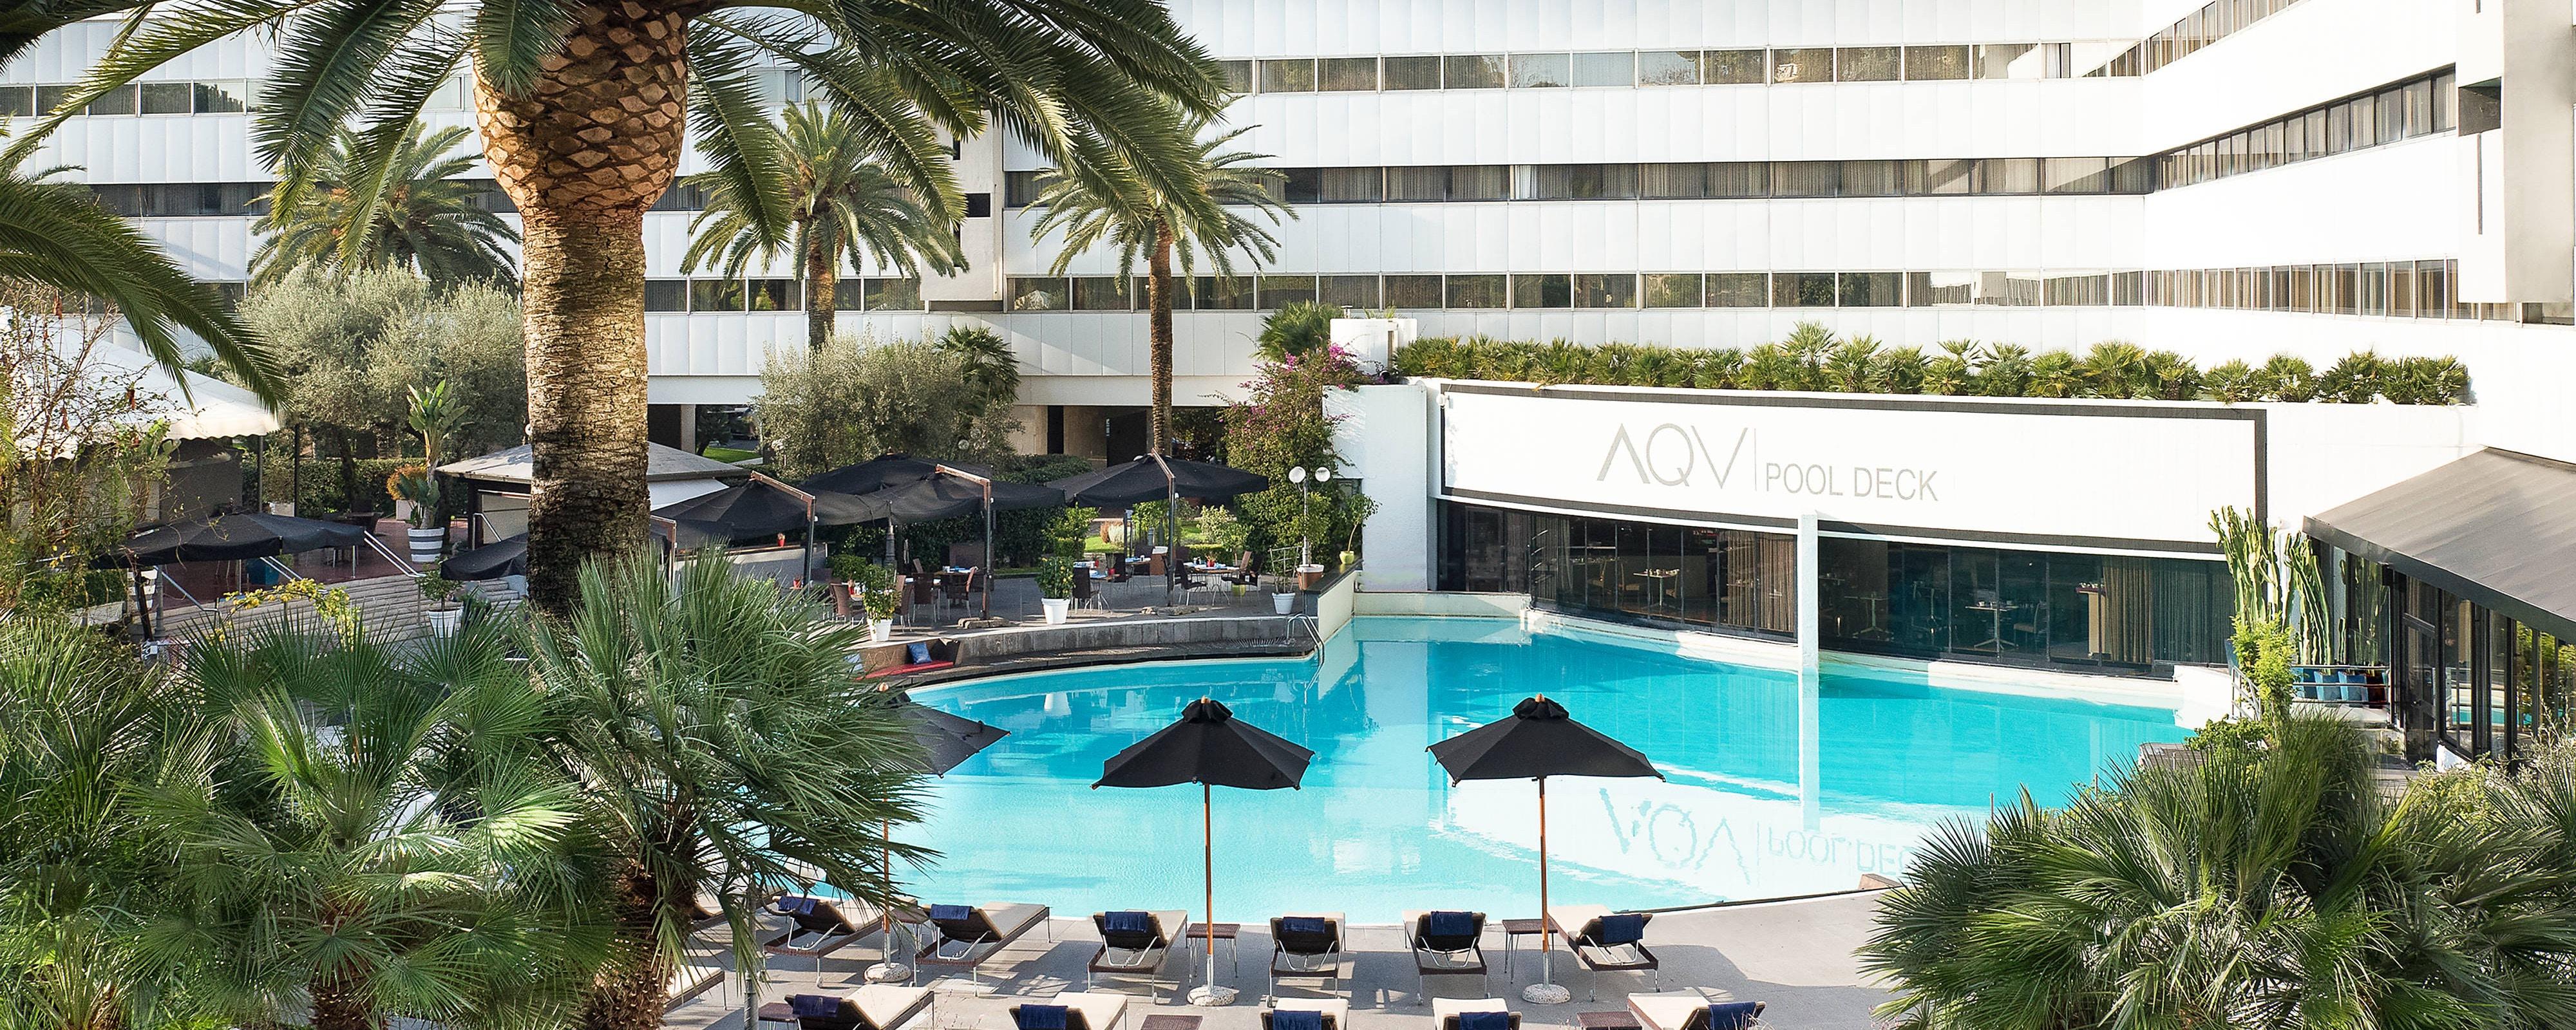 Hotel In Rome Sheraton Roma Hotel Conference Center